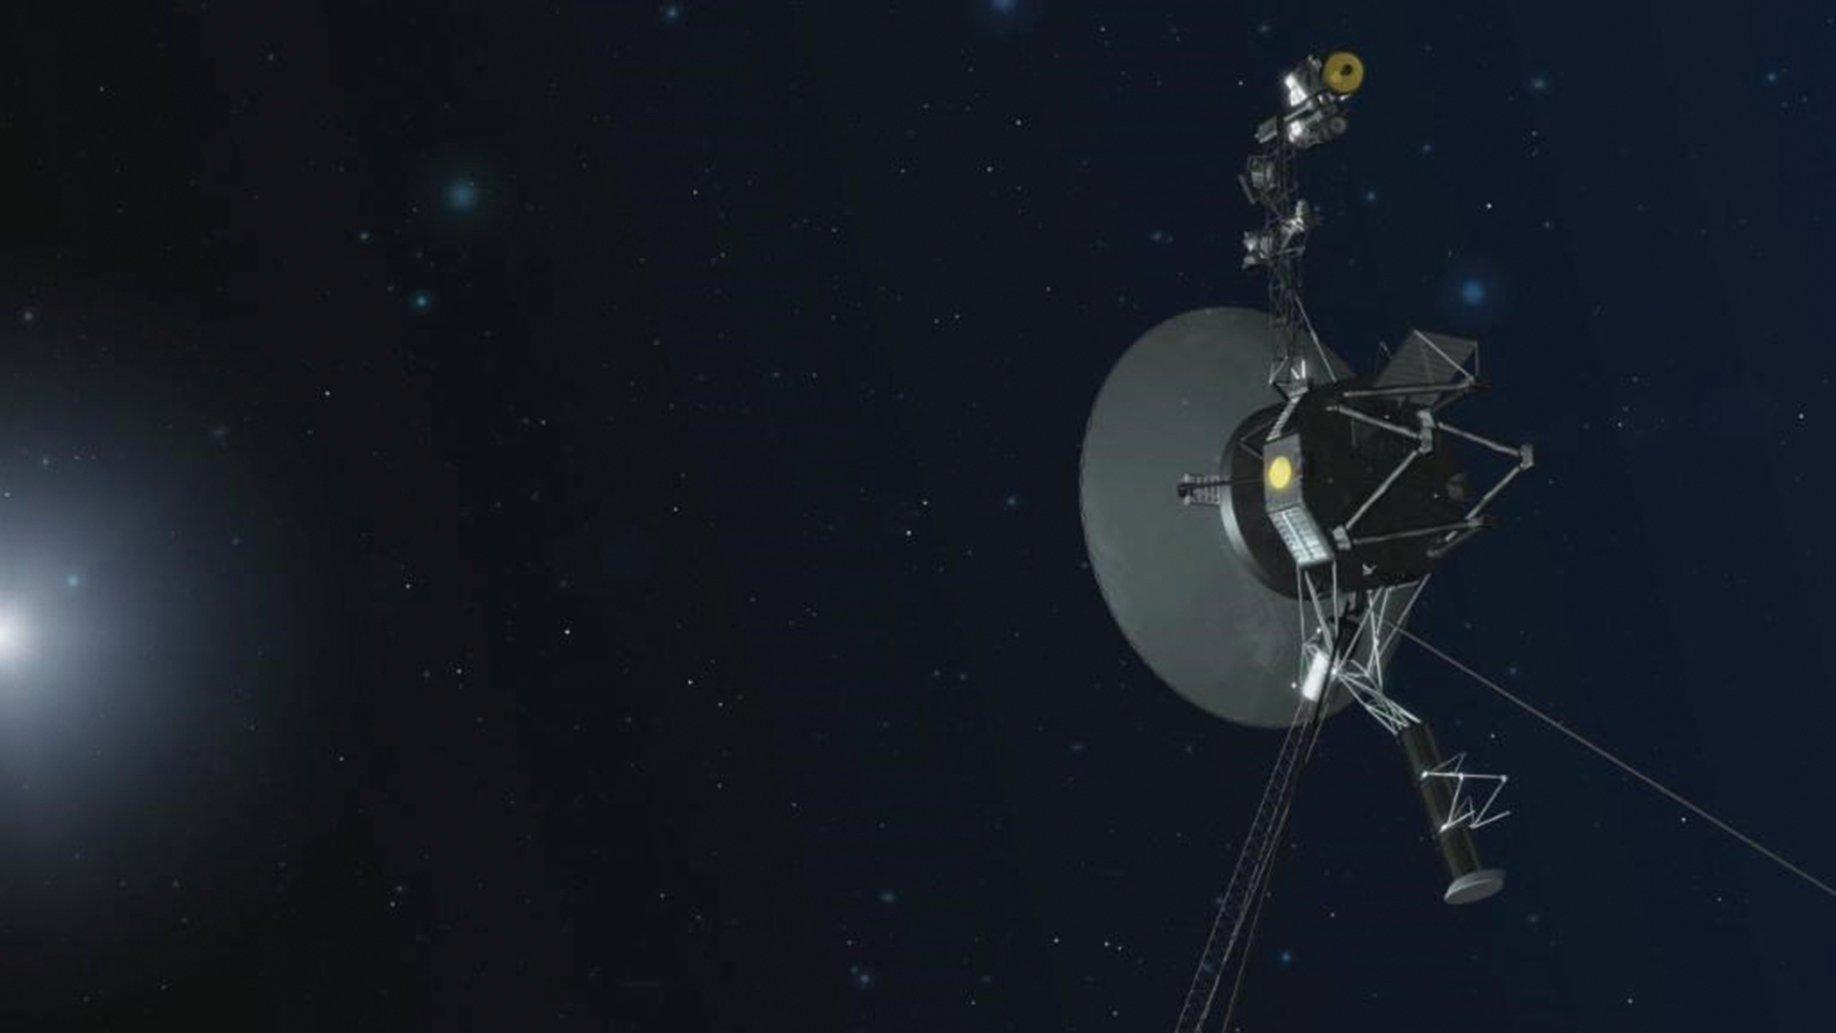 NASA先前宣佈,旅行家二號2018年11月5日快速進入星際空間,一度接近到距太陽約177億公里之處。圖為旅行家二號概念圖。(NASA)